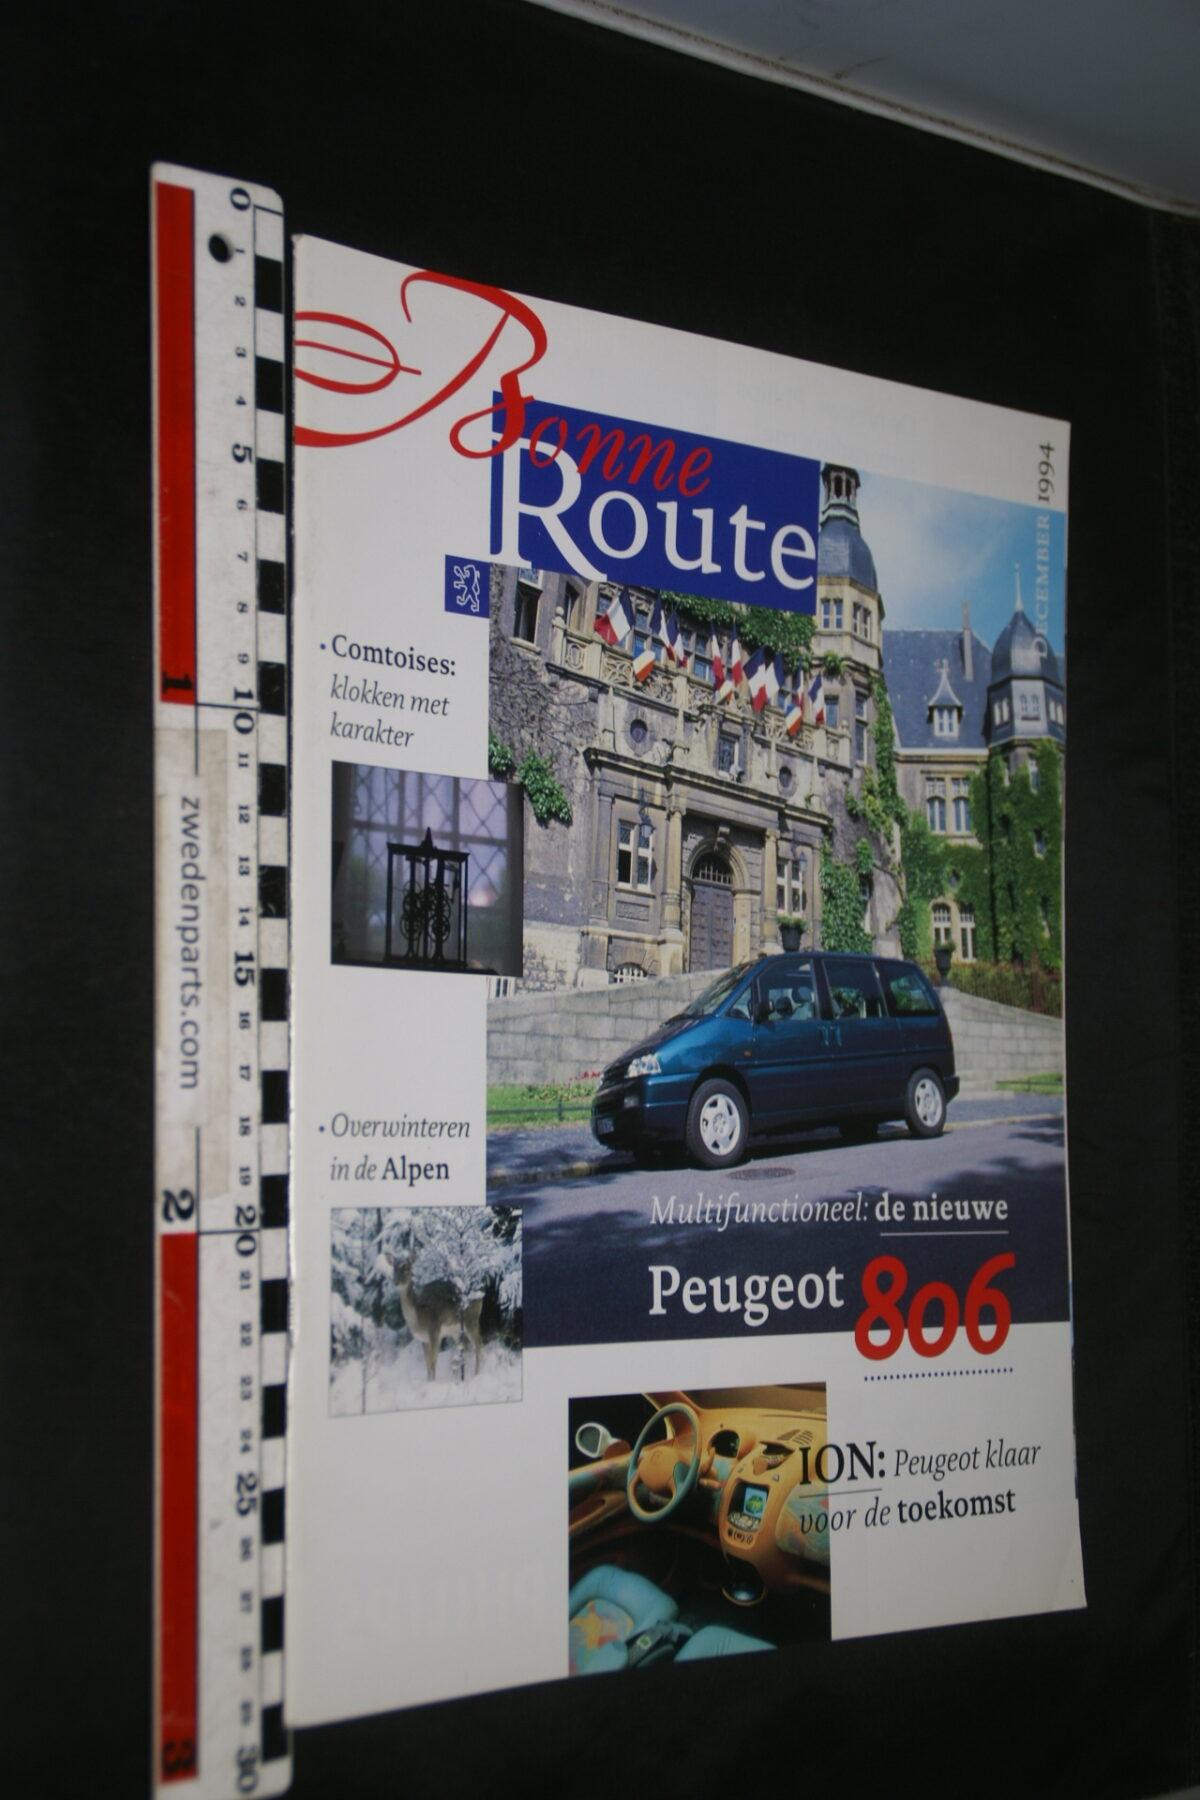 DSC08376 origineel tijdschrift Bonne Route met Renault 806 en ION-e124e555